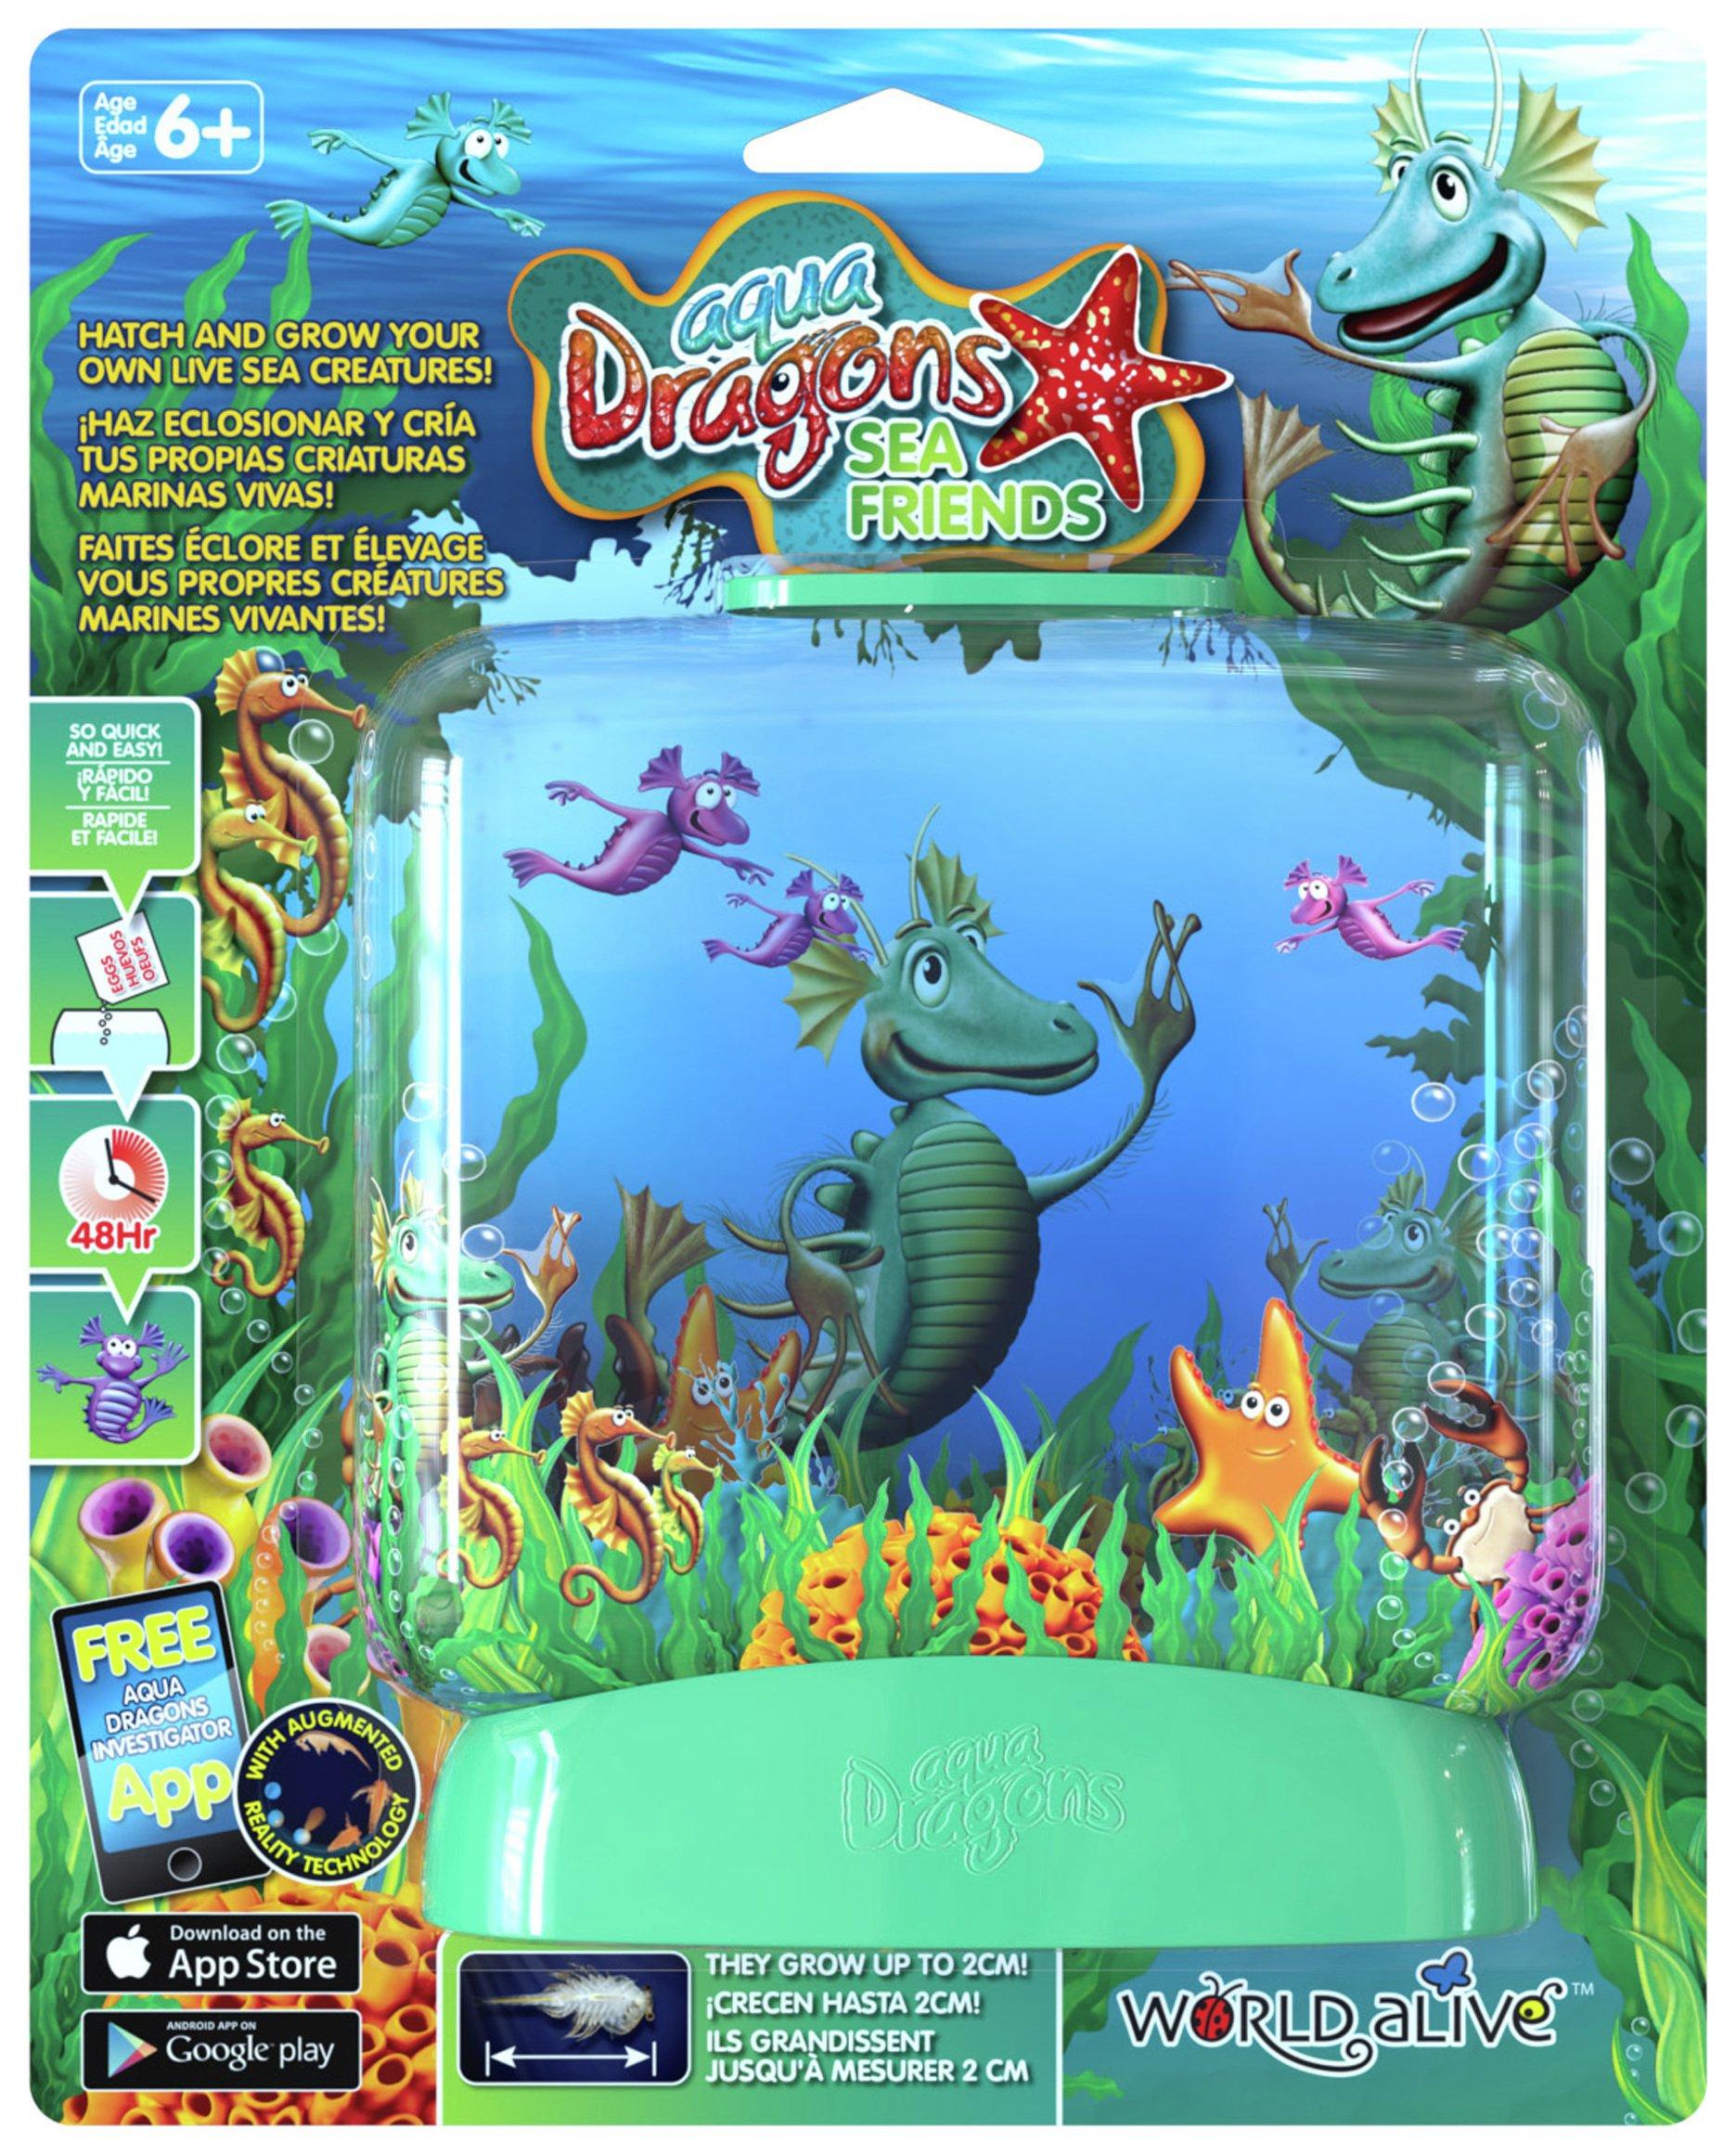 Image of Aqua Dragons Sea Friends.